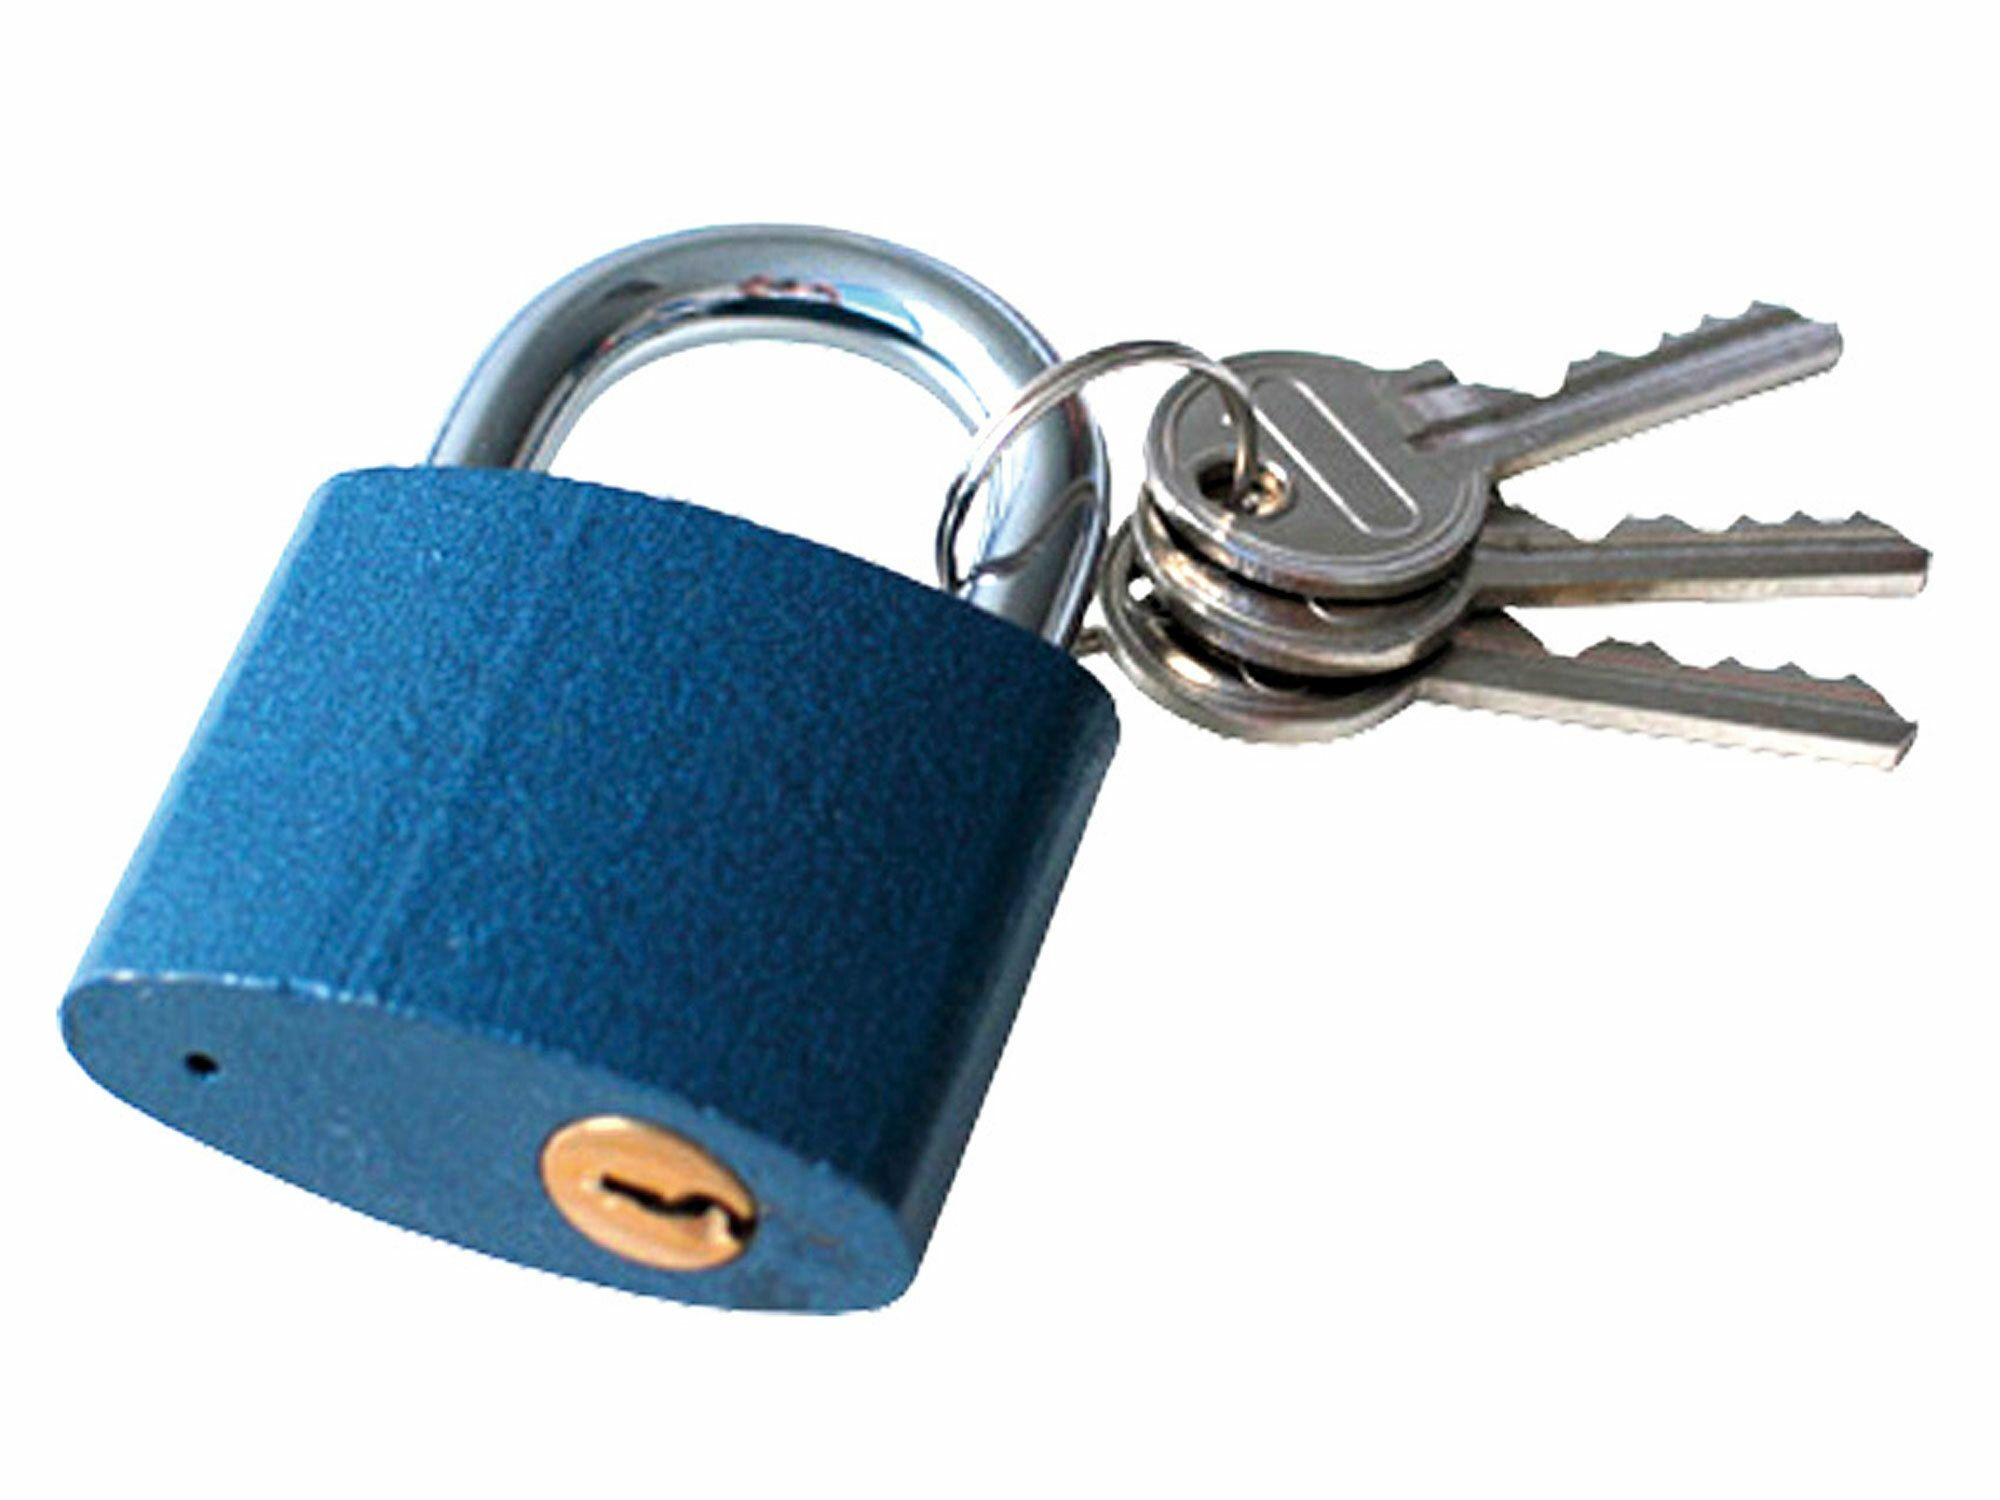 Fotografie Zámek visací litinový, 45mm, 3 klíče, EXTOL CRAFT